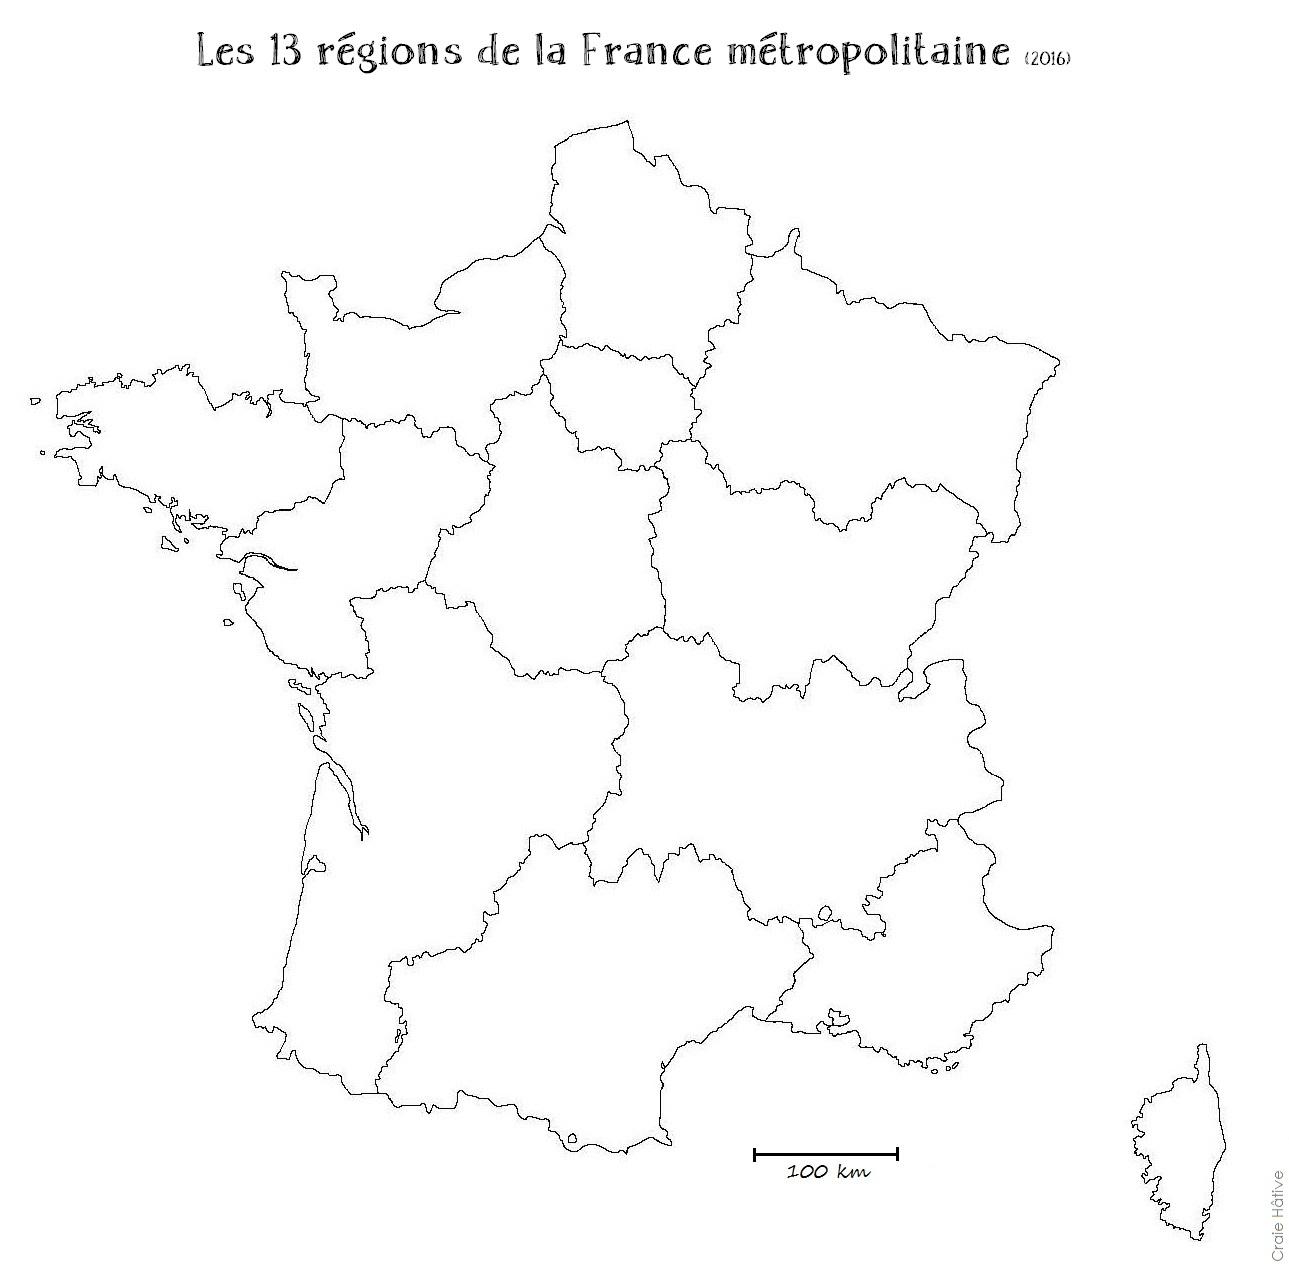 Cartes Des Régions De La France Métropolitaine - 2016 concernant Carte Département Vierge